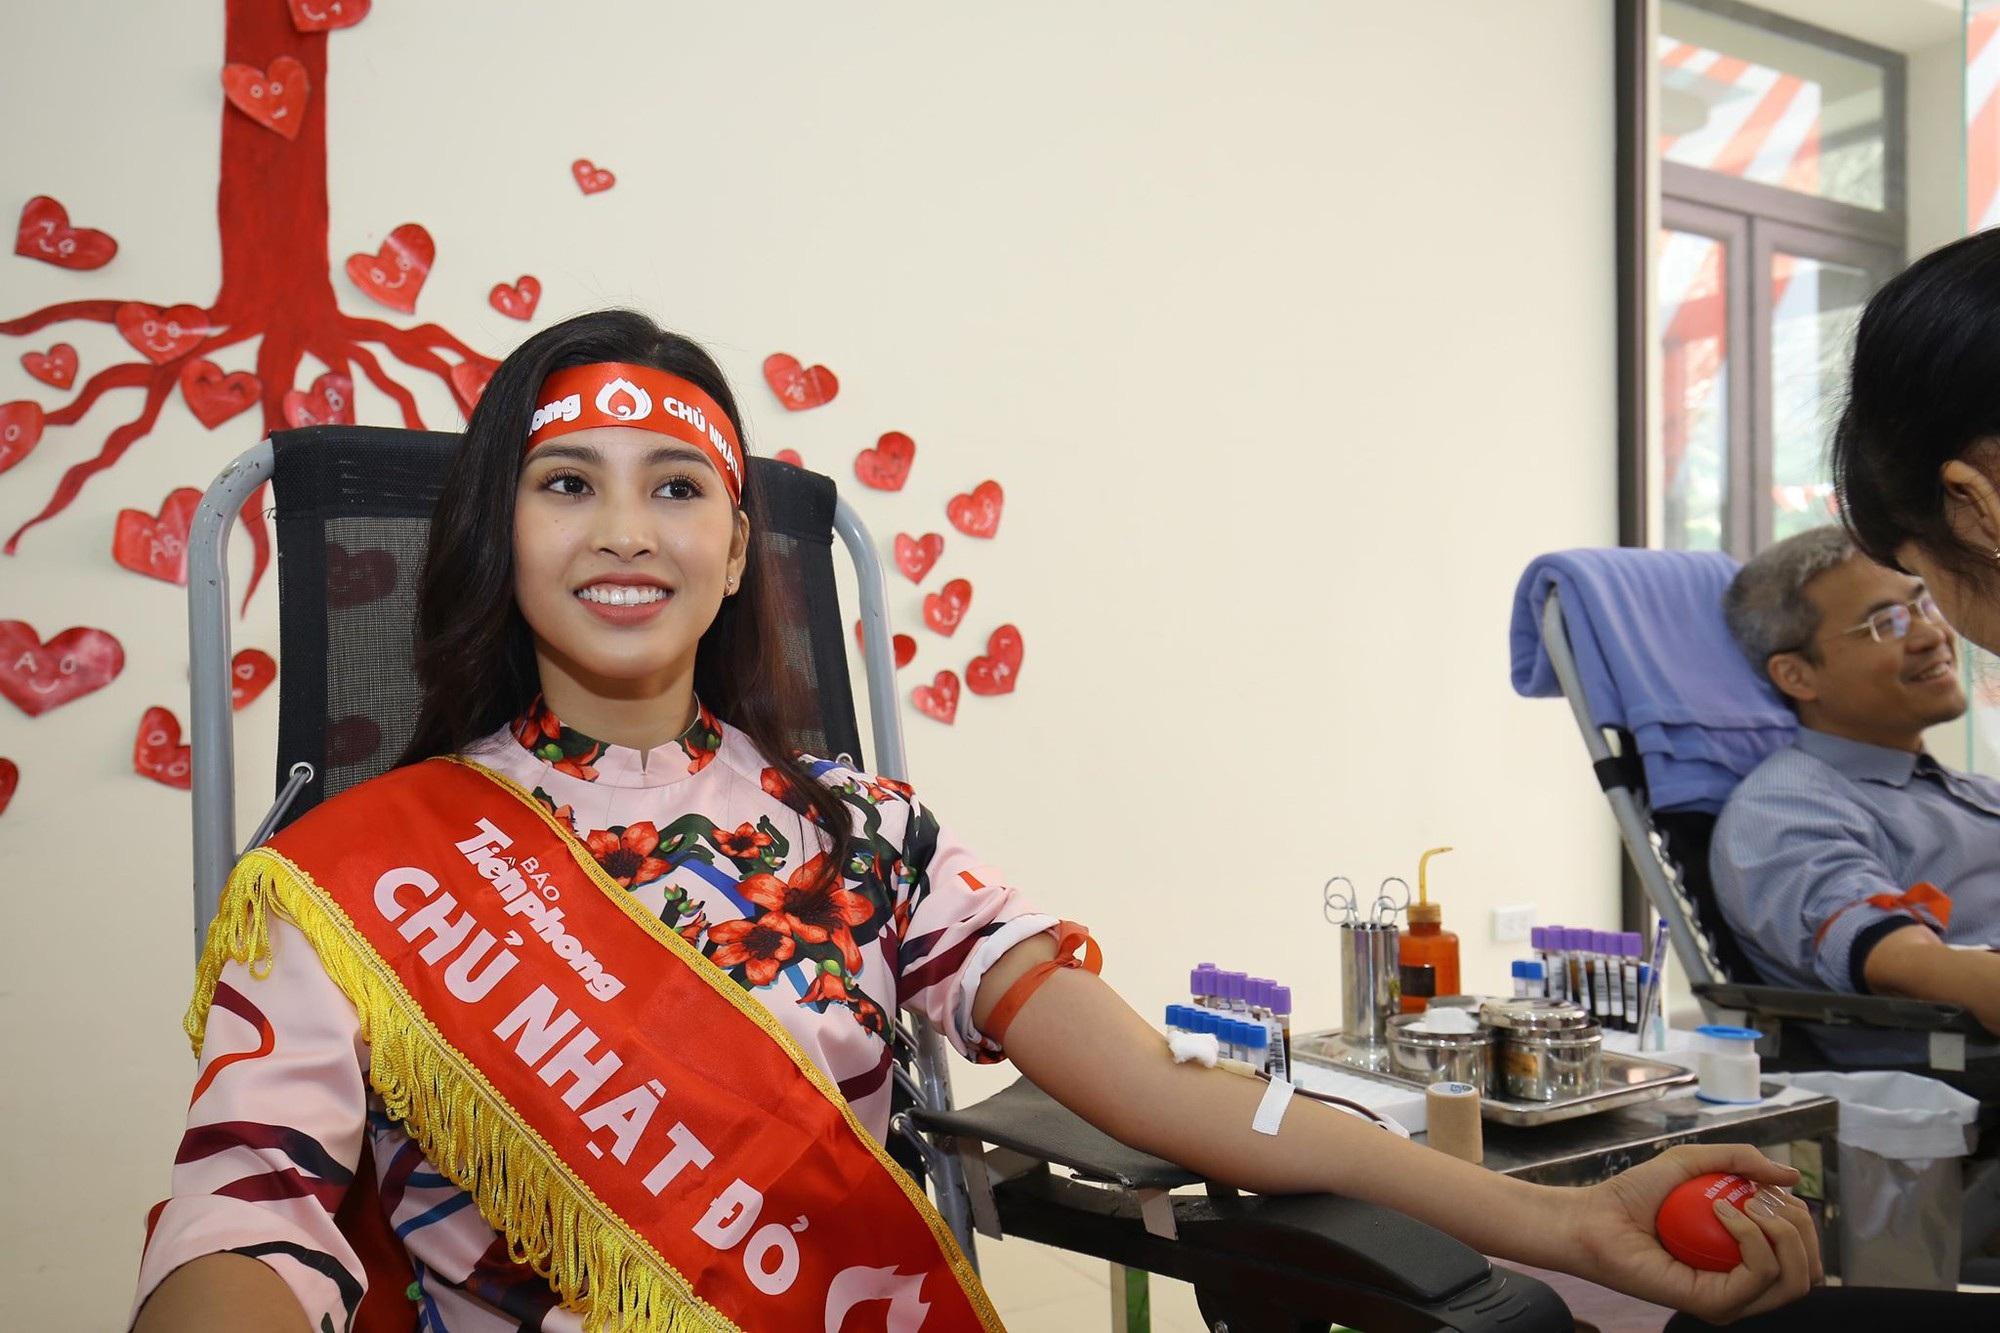 Hoa hậu Trần Tiểu Vy, cầu thủ Đình Trọng, Văn Quyết kêu gọi hiến máu tình nguyện - Ảnh 2.